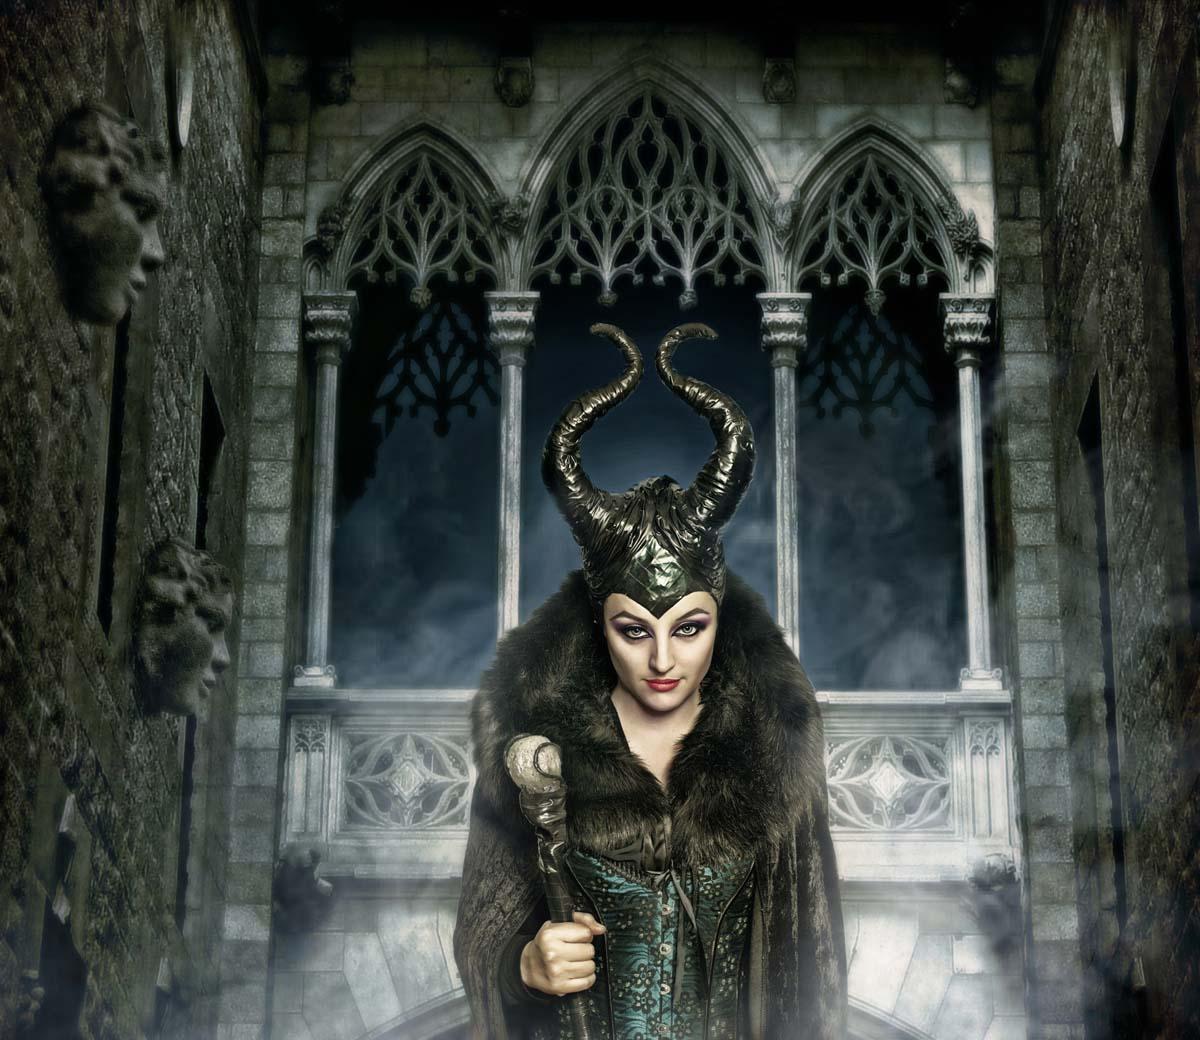 Laura en su papel de Maléfica.